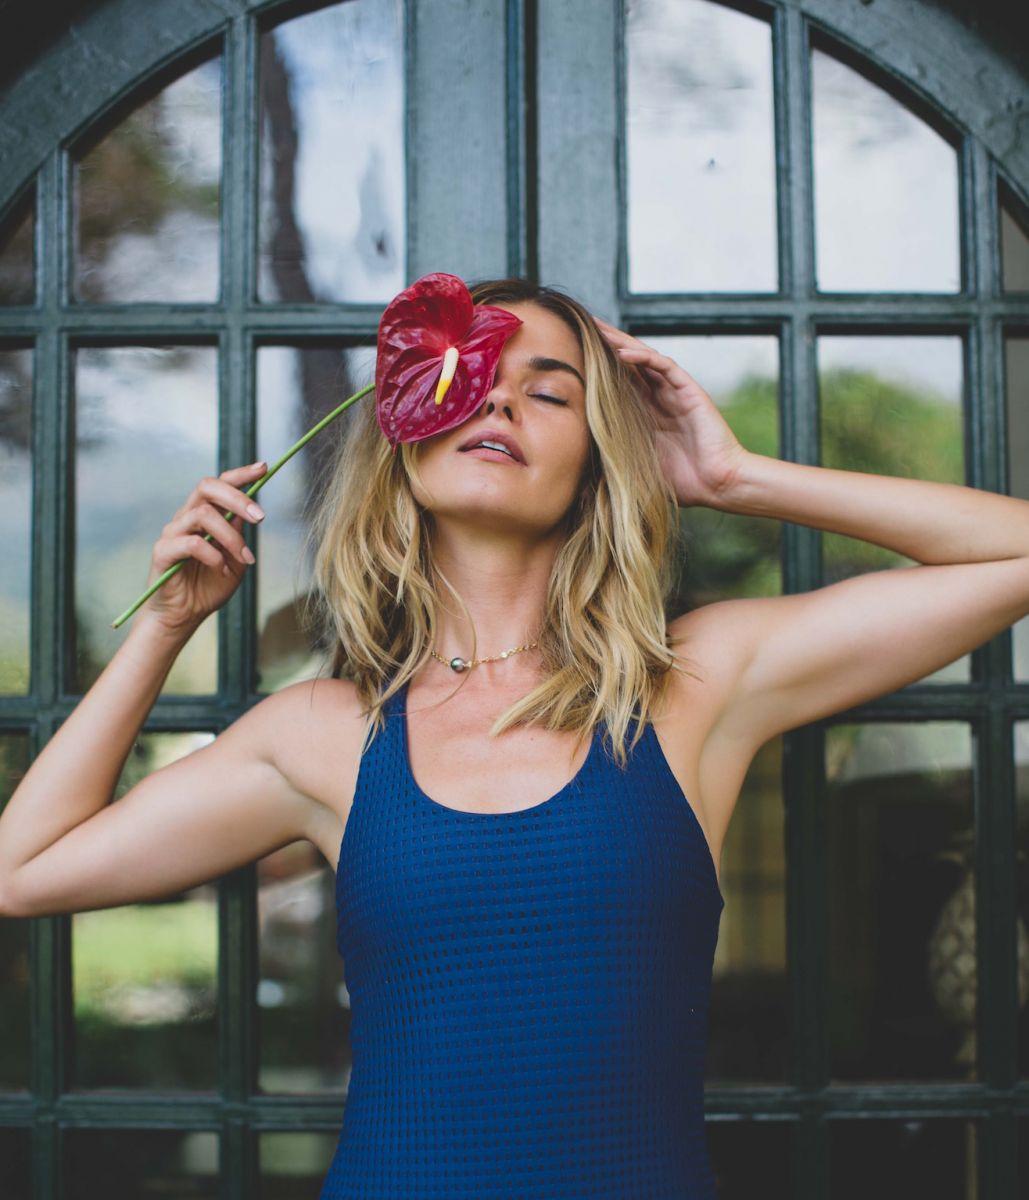 Balistarz-model-Brielle-Birkholm-profile-shoot-flower-eye-blue